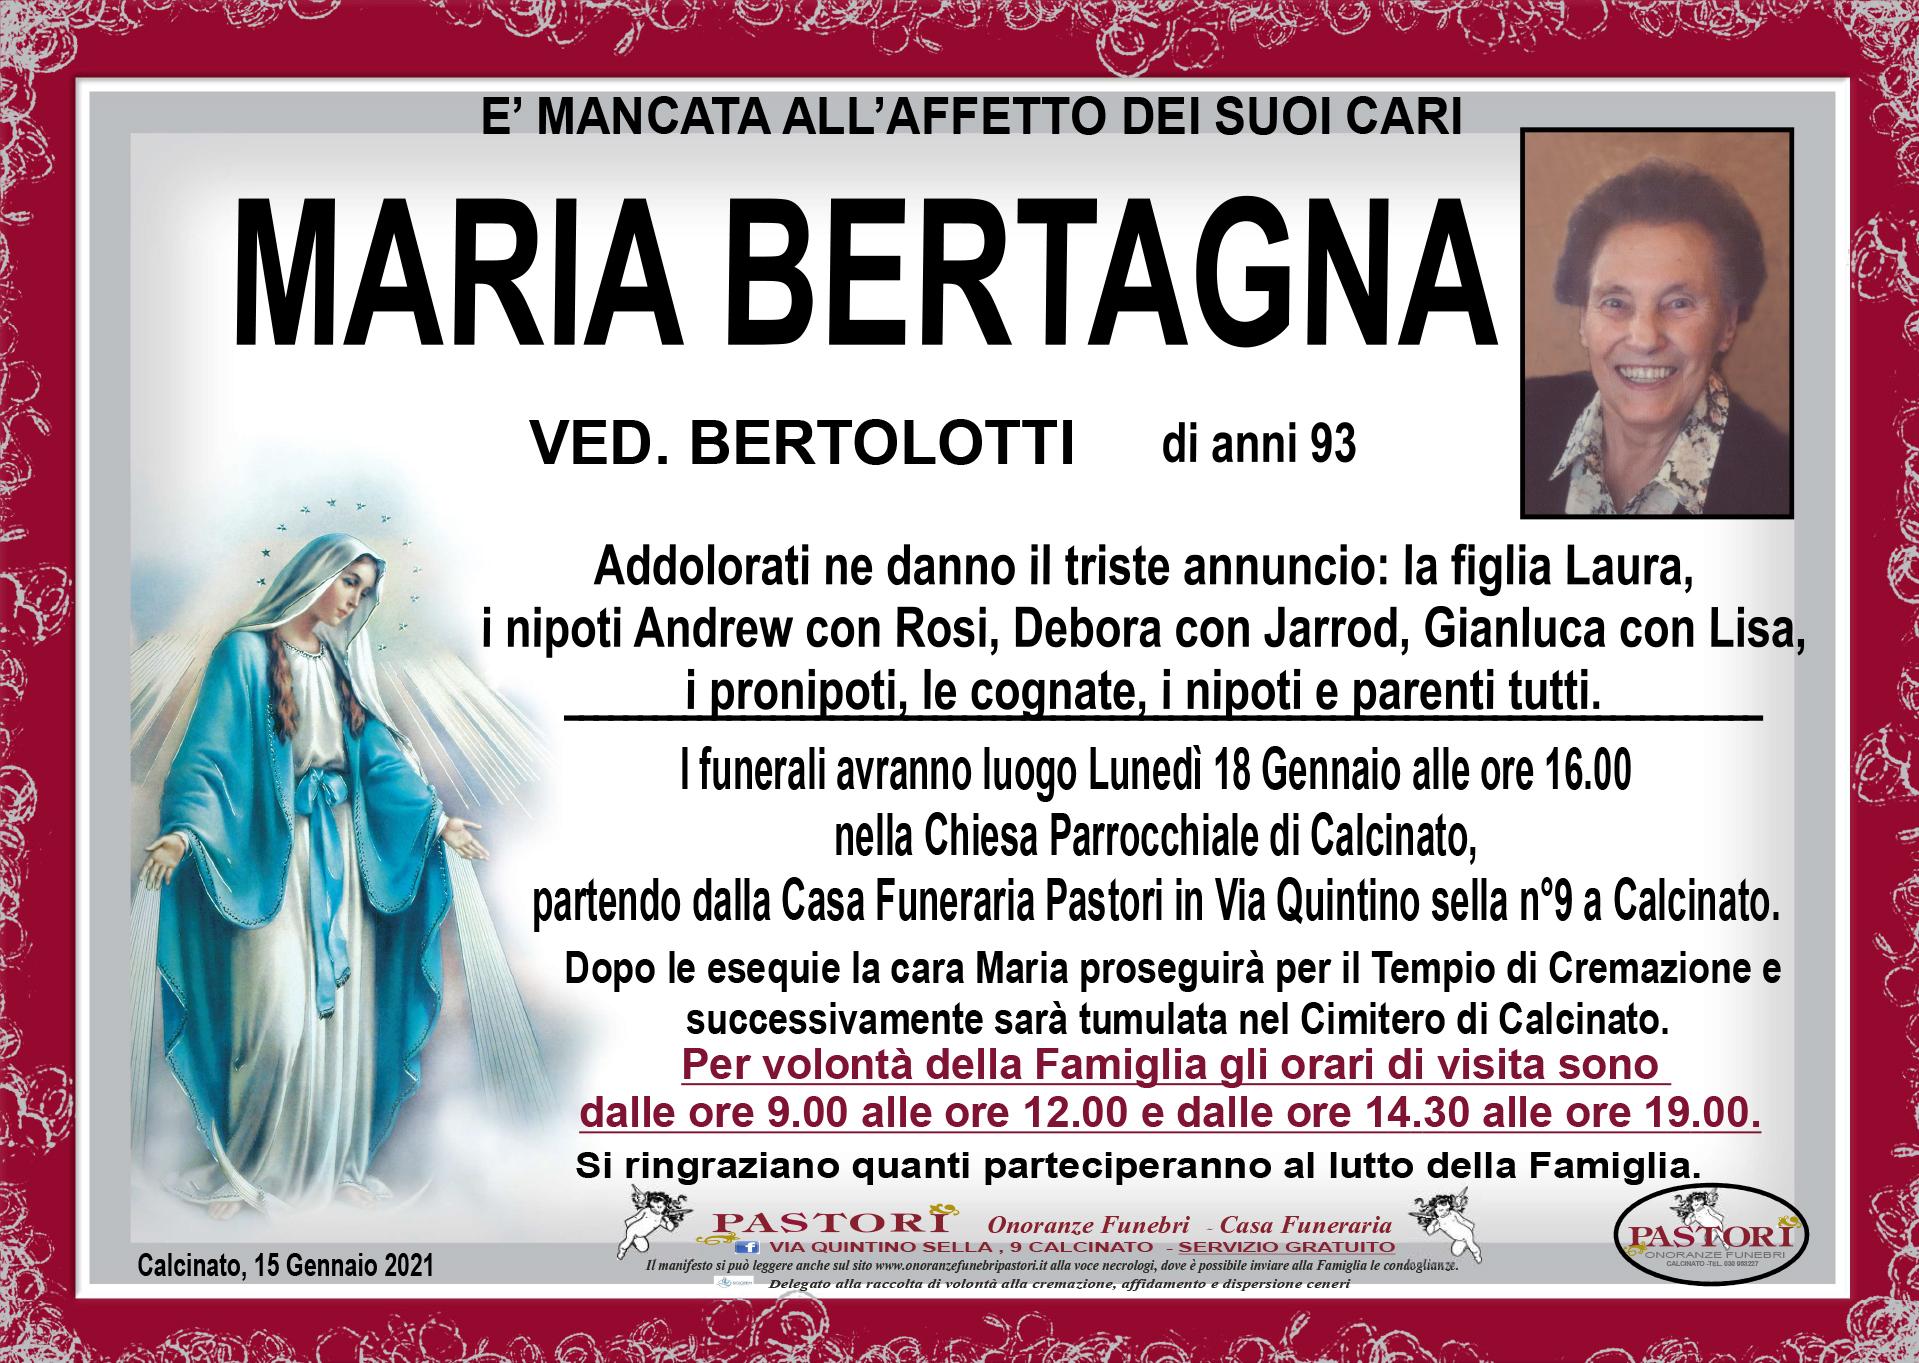 Maria Bertagna